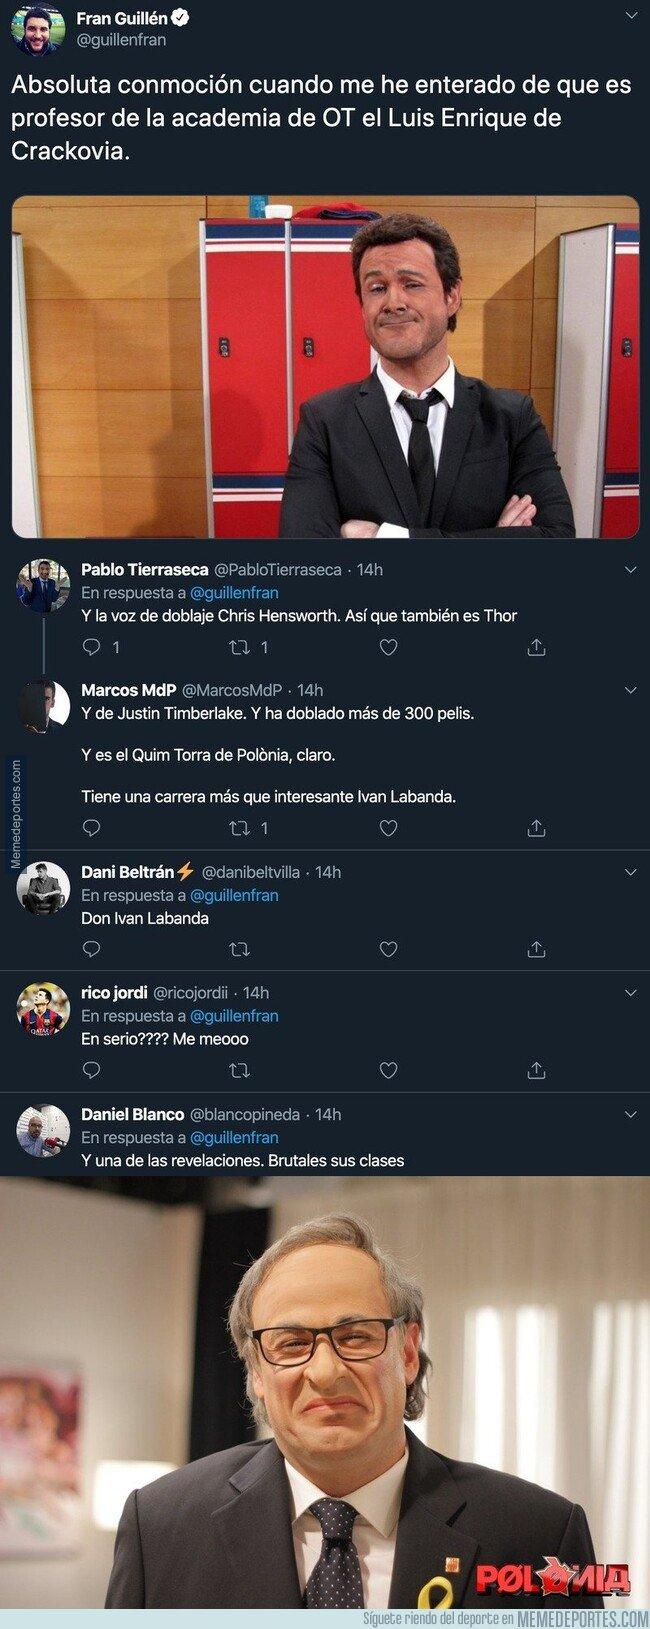 1096347 - Este es Ivan Labanda, el profesor de interpretación de 'Operación Triunfo' y vas a alucinar qué personajes hace en 'Crackovia' y 'Polonia' de TV3